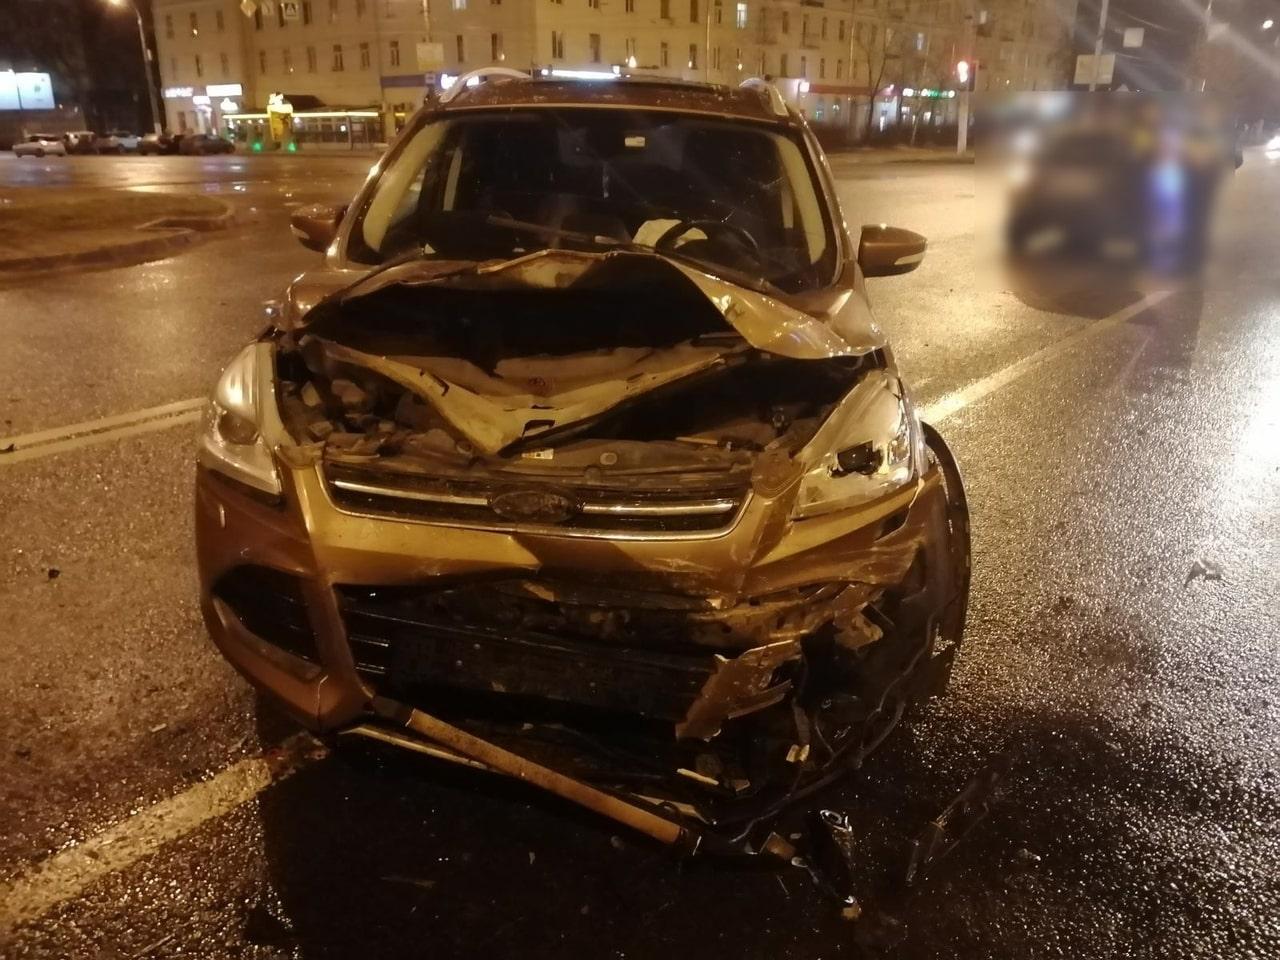 Массовое ДТП в Твери: 3 человека пострадали в столкновении 5 машин